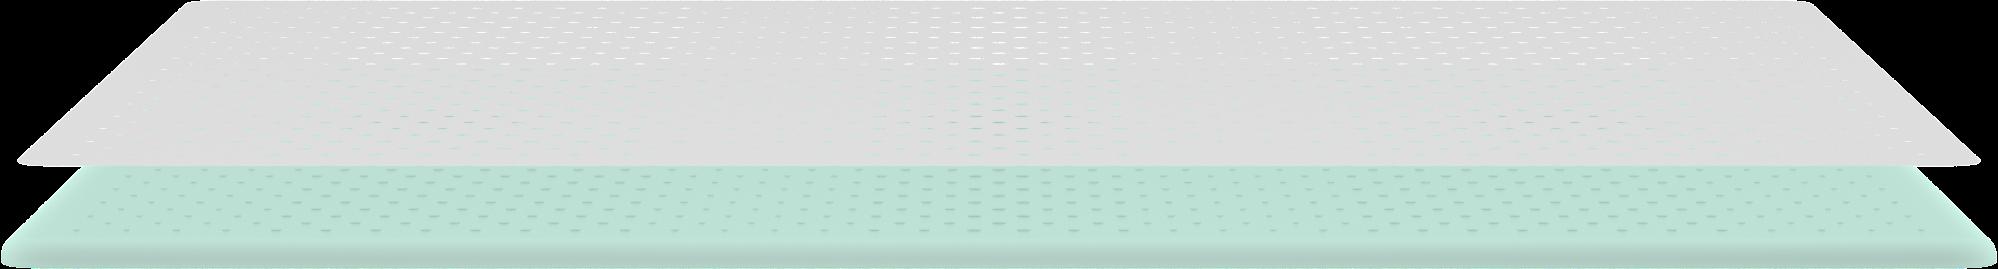 Wave Hybrid mattress top layer render